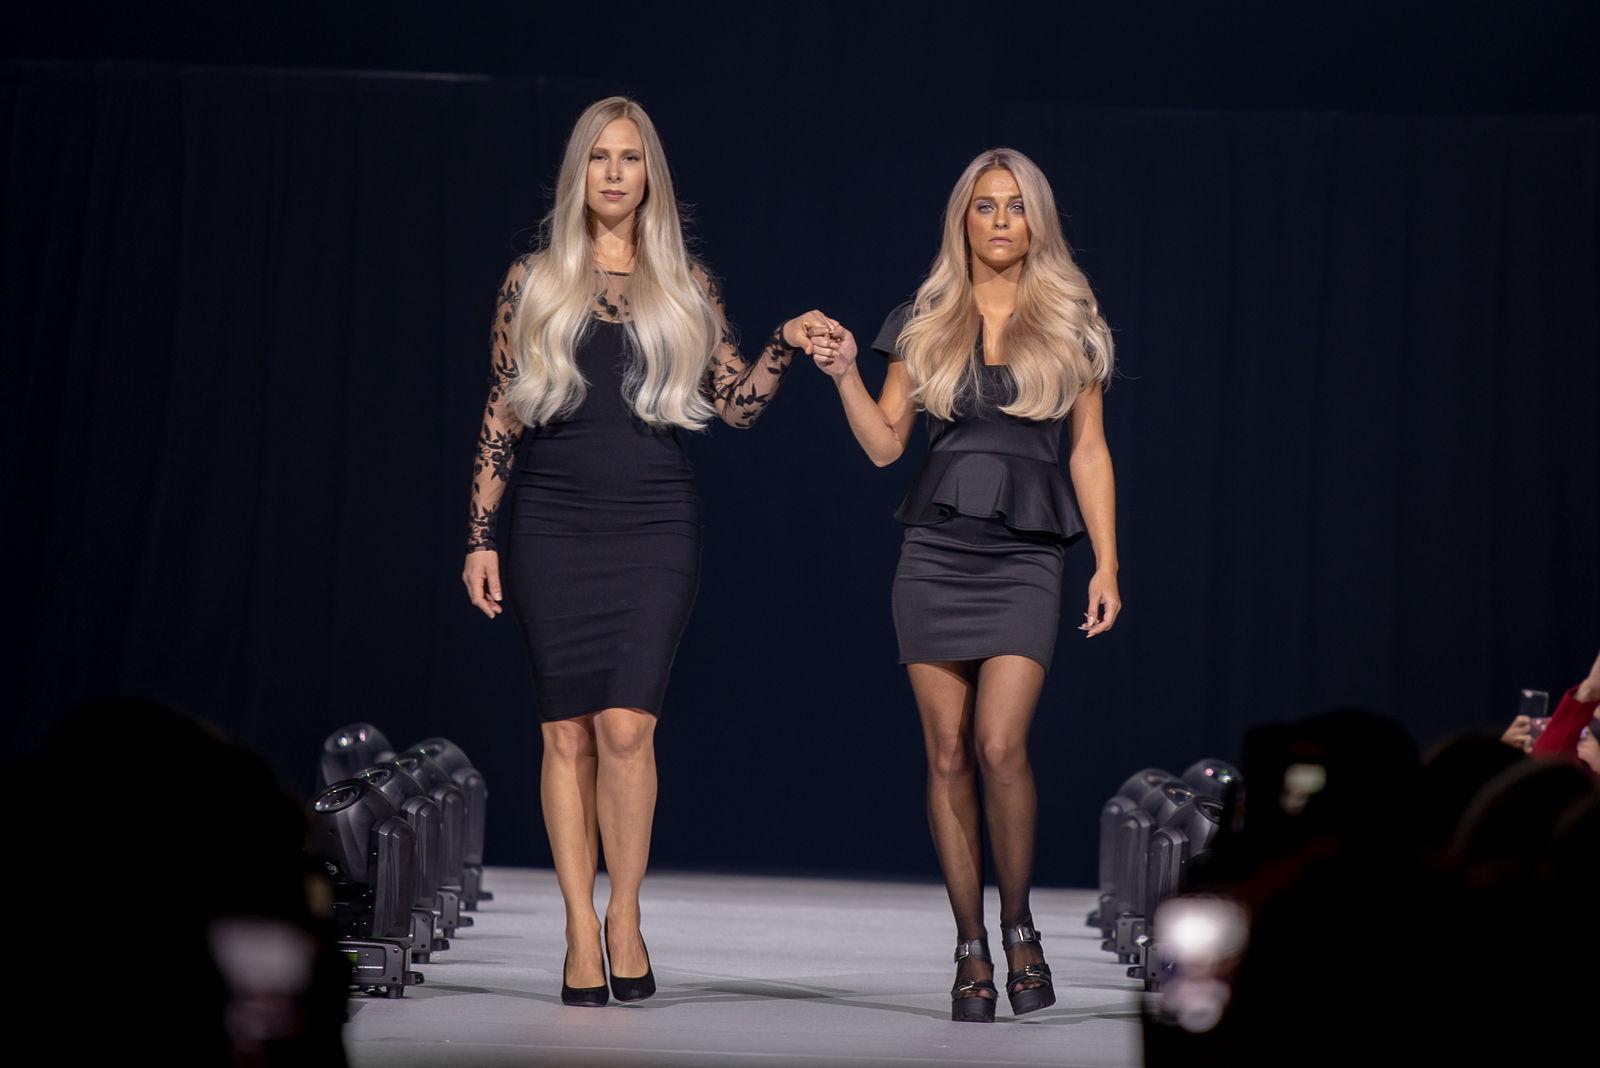 Fotografie event Guy Tang twee modellen lopen op de catwalk